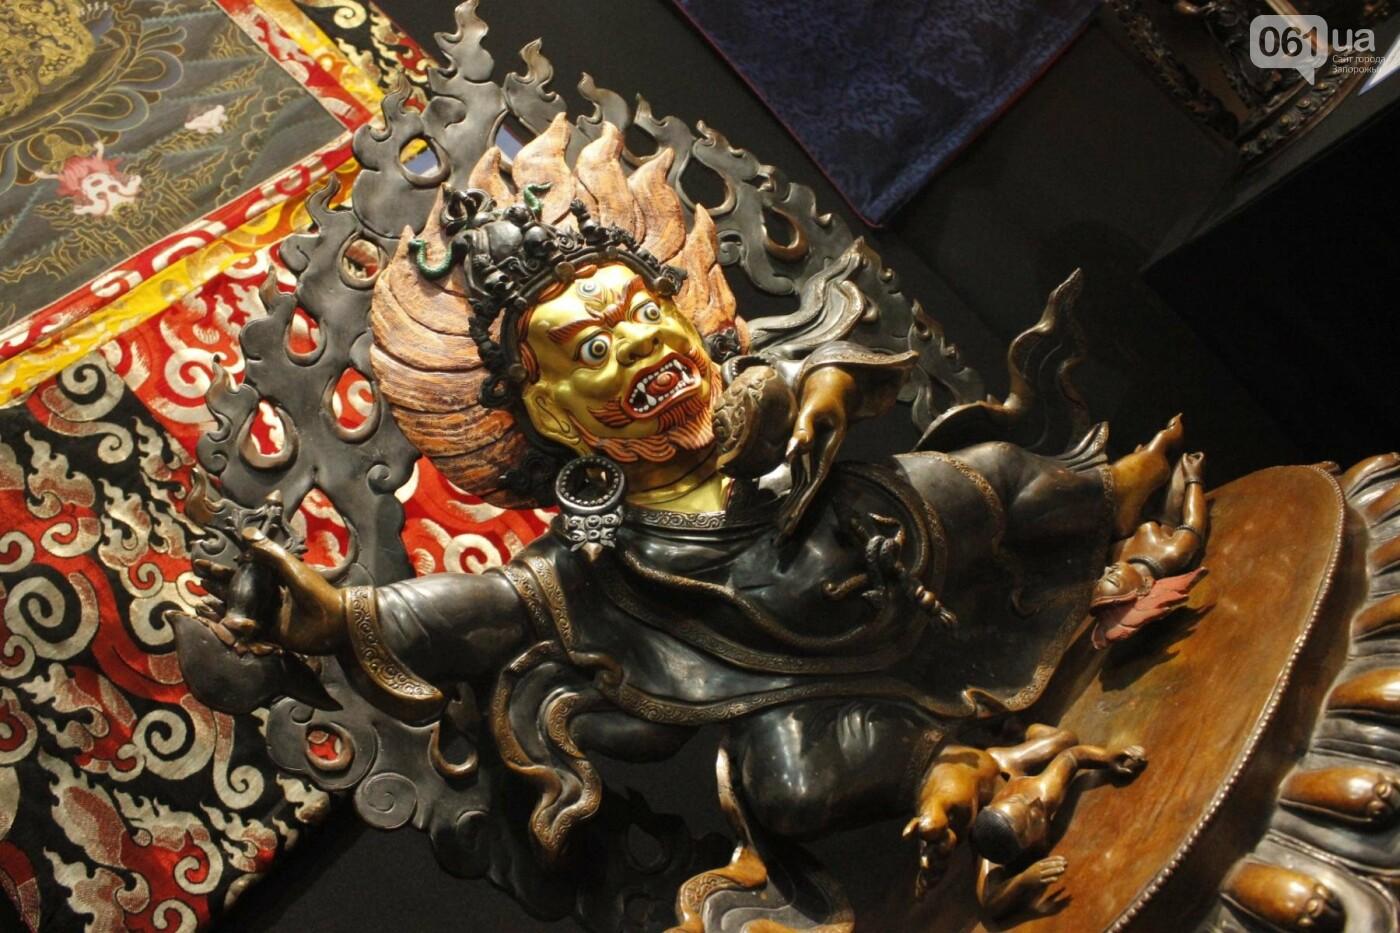 """В Запорожье выставка """"Сокровища Тибета"""" открыла Дни буддийской культуры, - ФОТОРЕПОРТАЖ, фото-23"""